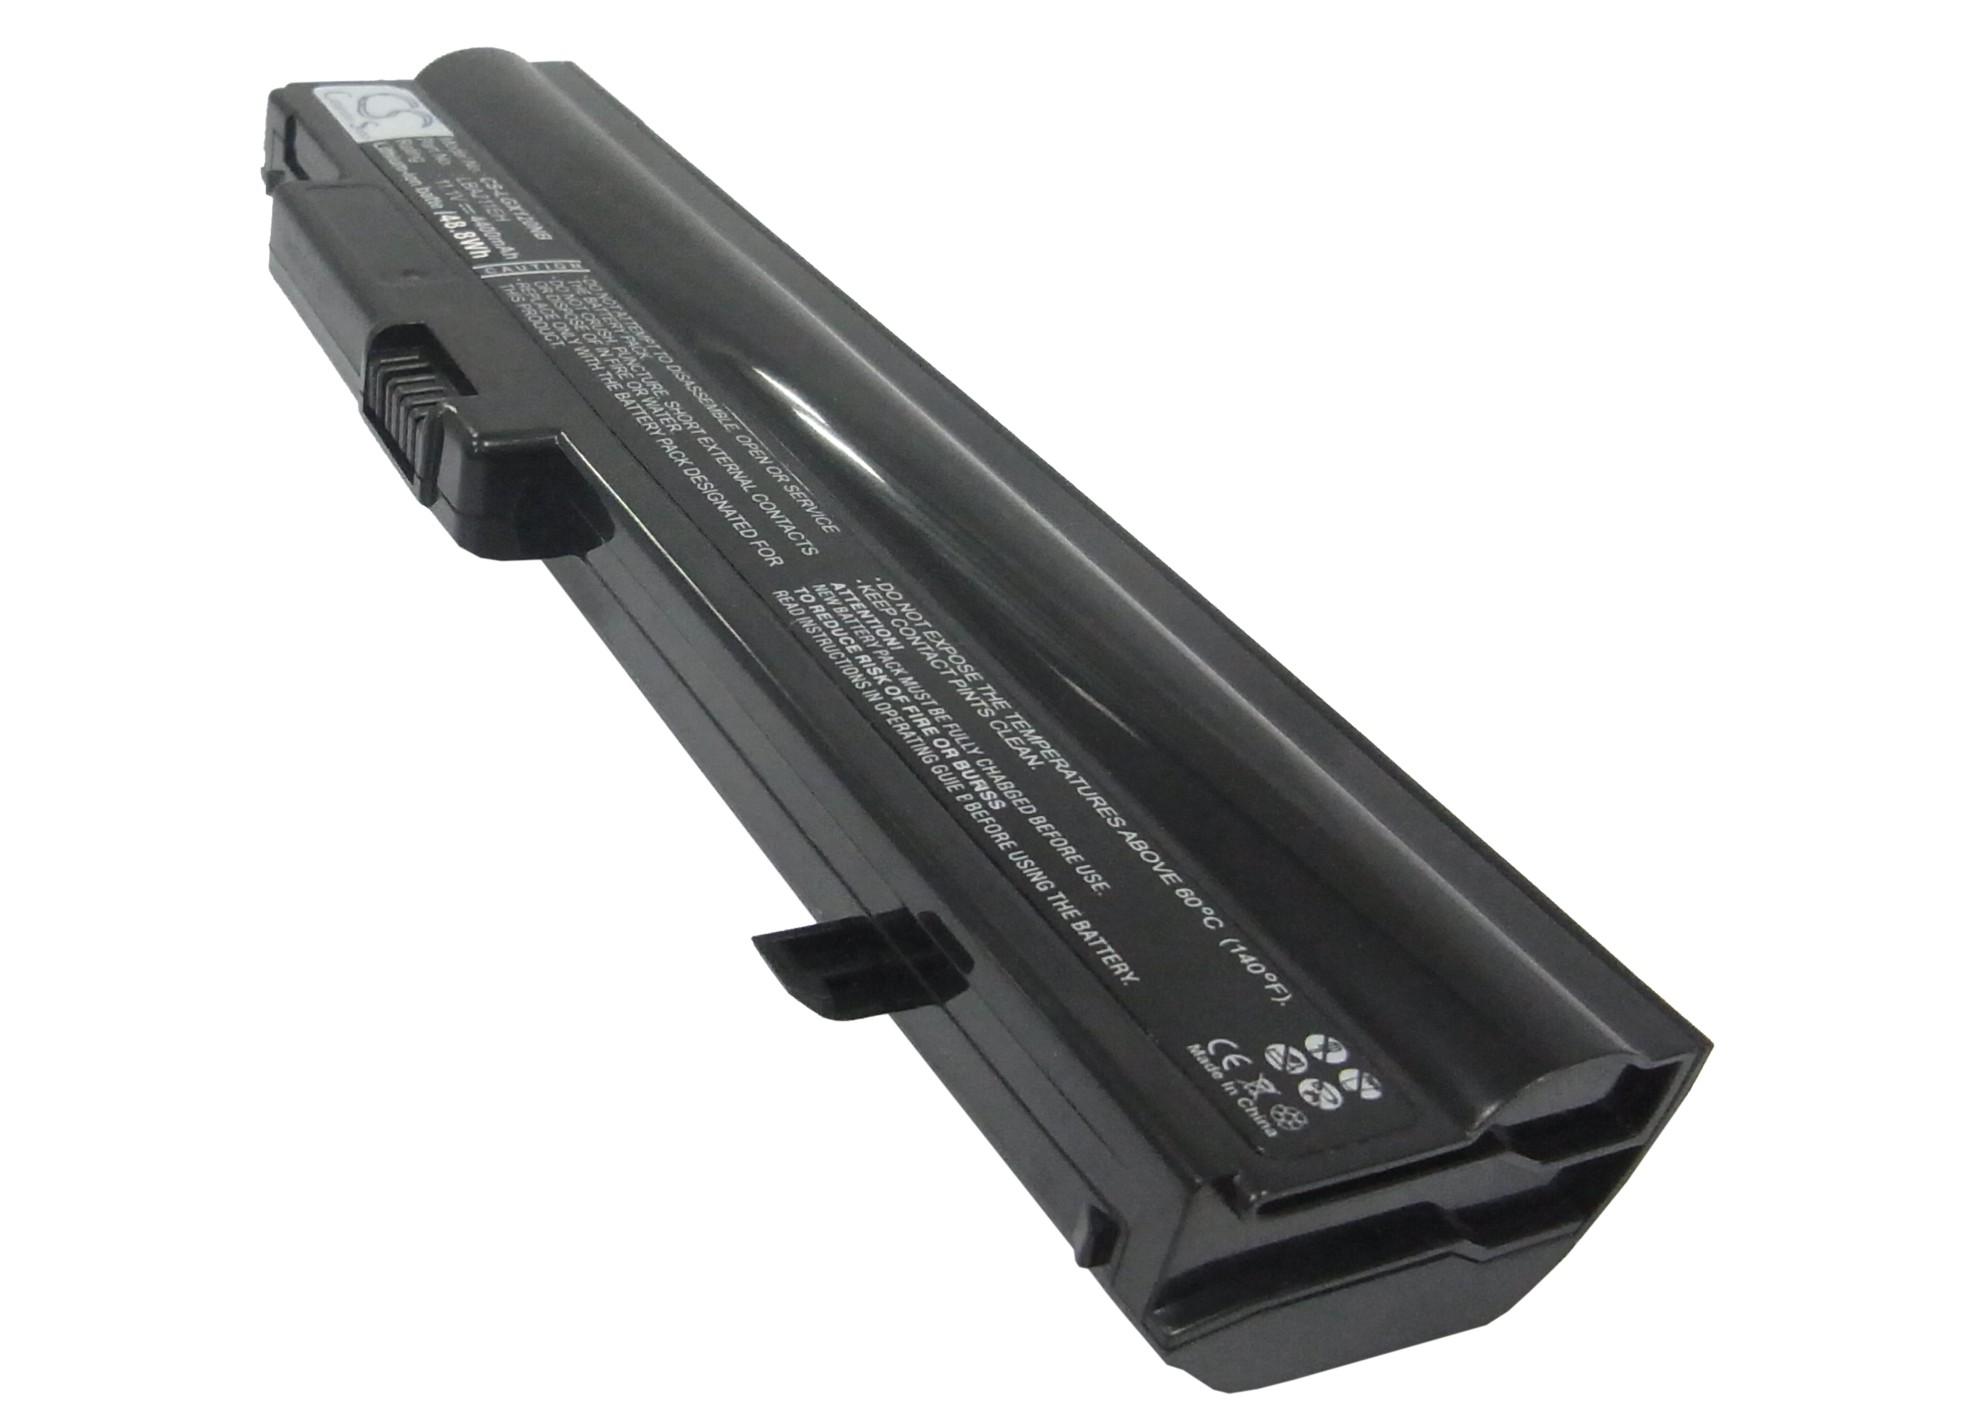 Cameron Sino baterie do netbooků pro LG X120-H 11.1V Li-ion 4400mAh černá - neoriginální